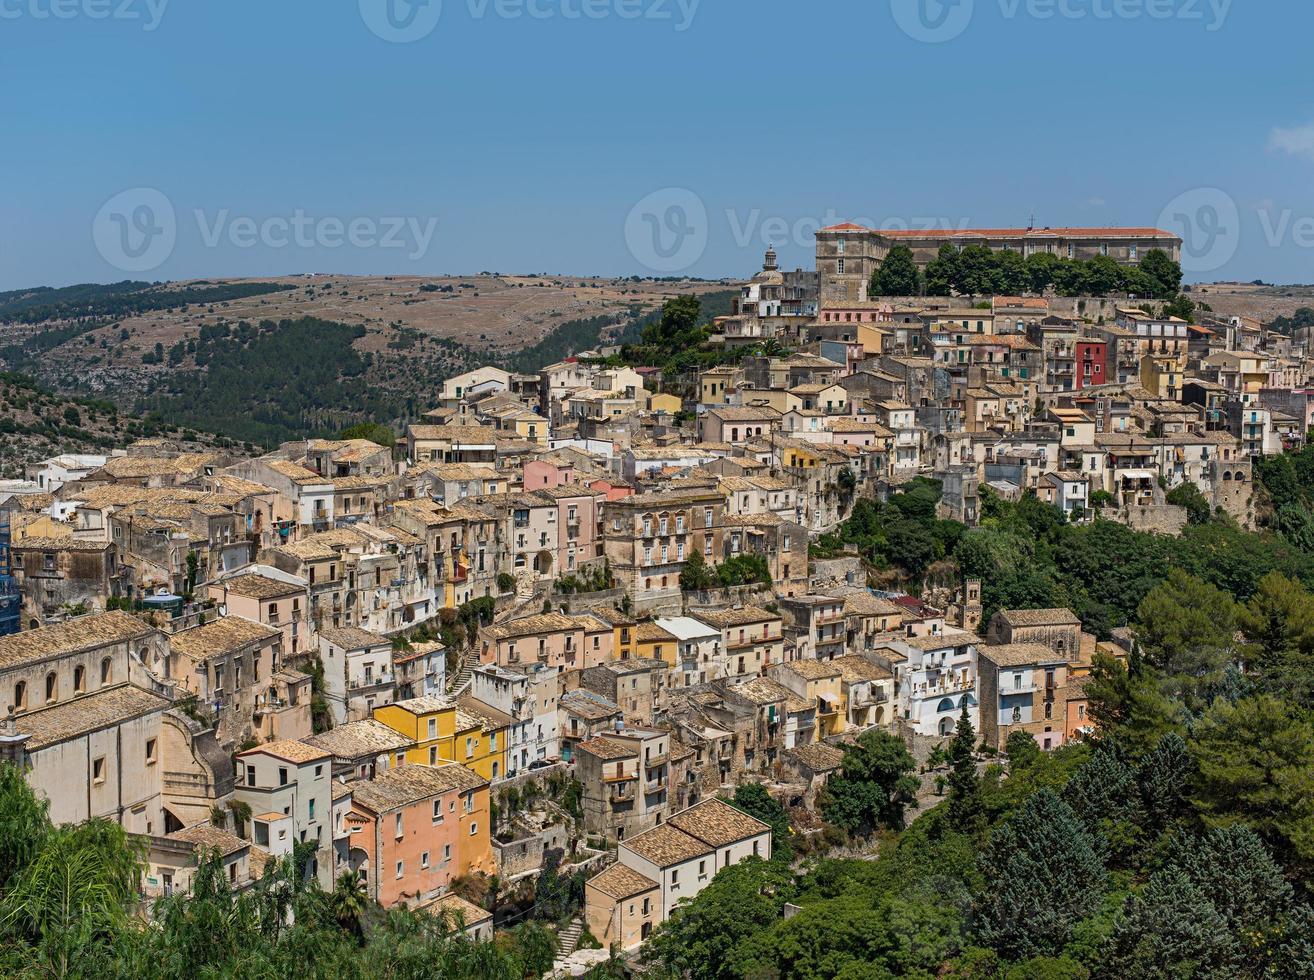 paisaje urbano de ragusa ibla. sicilia, italia. foto